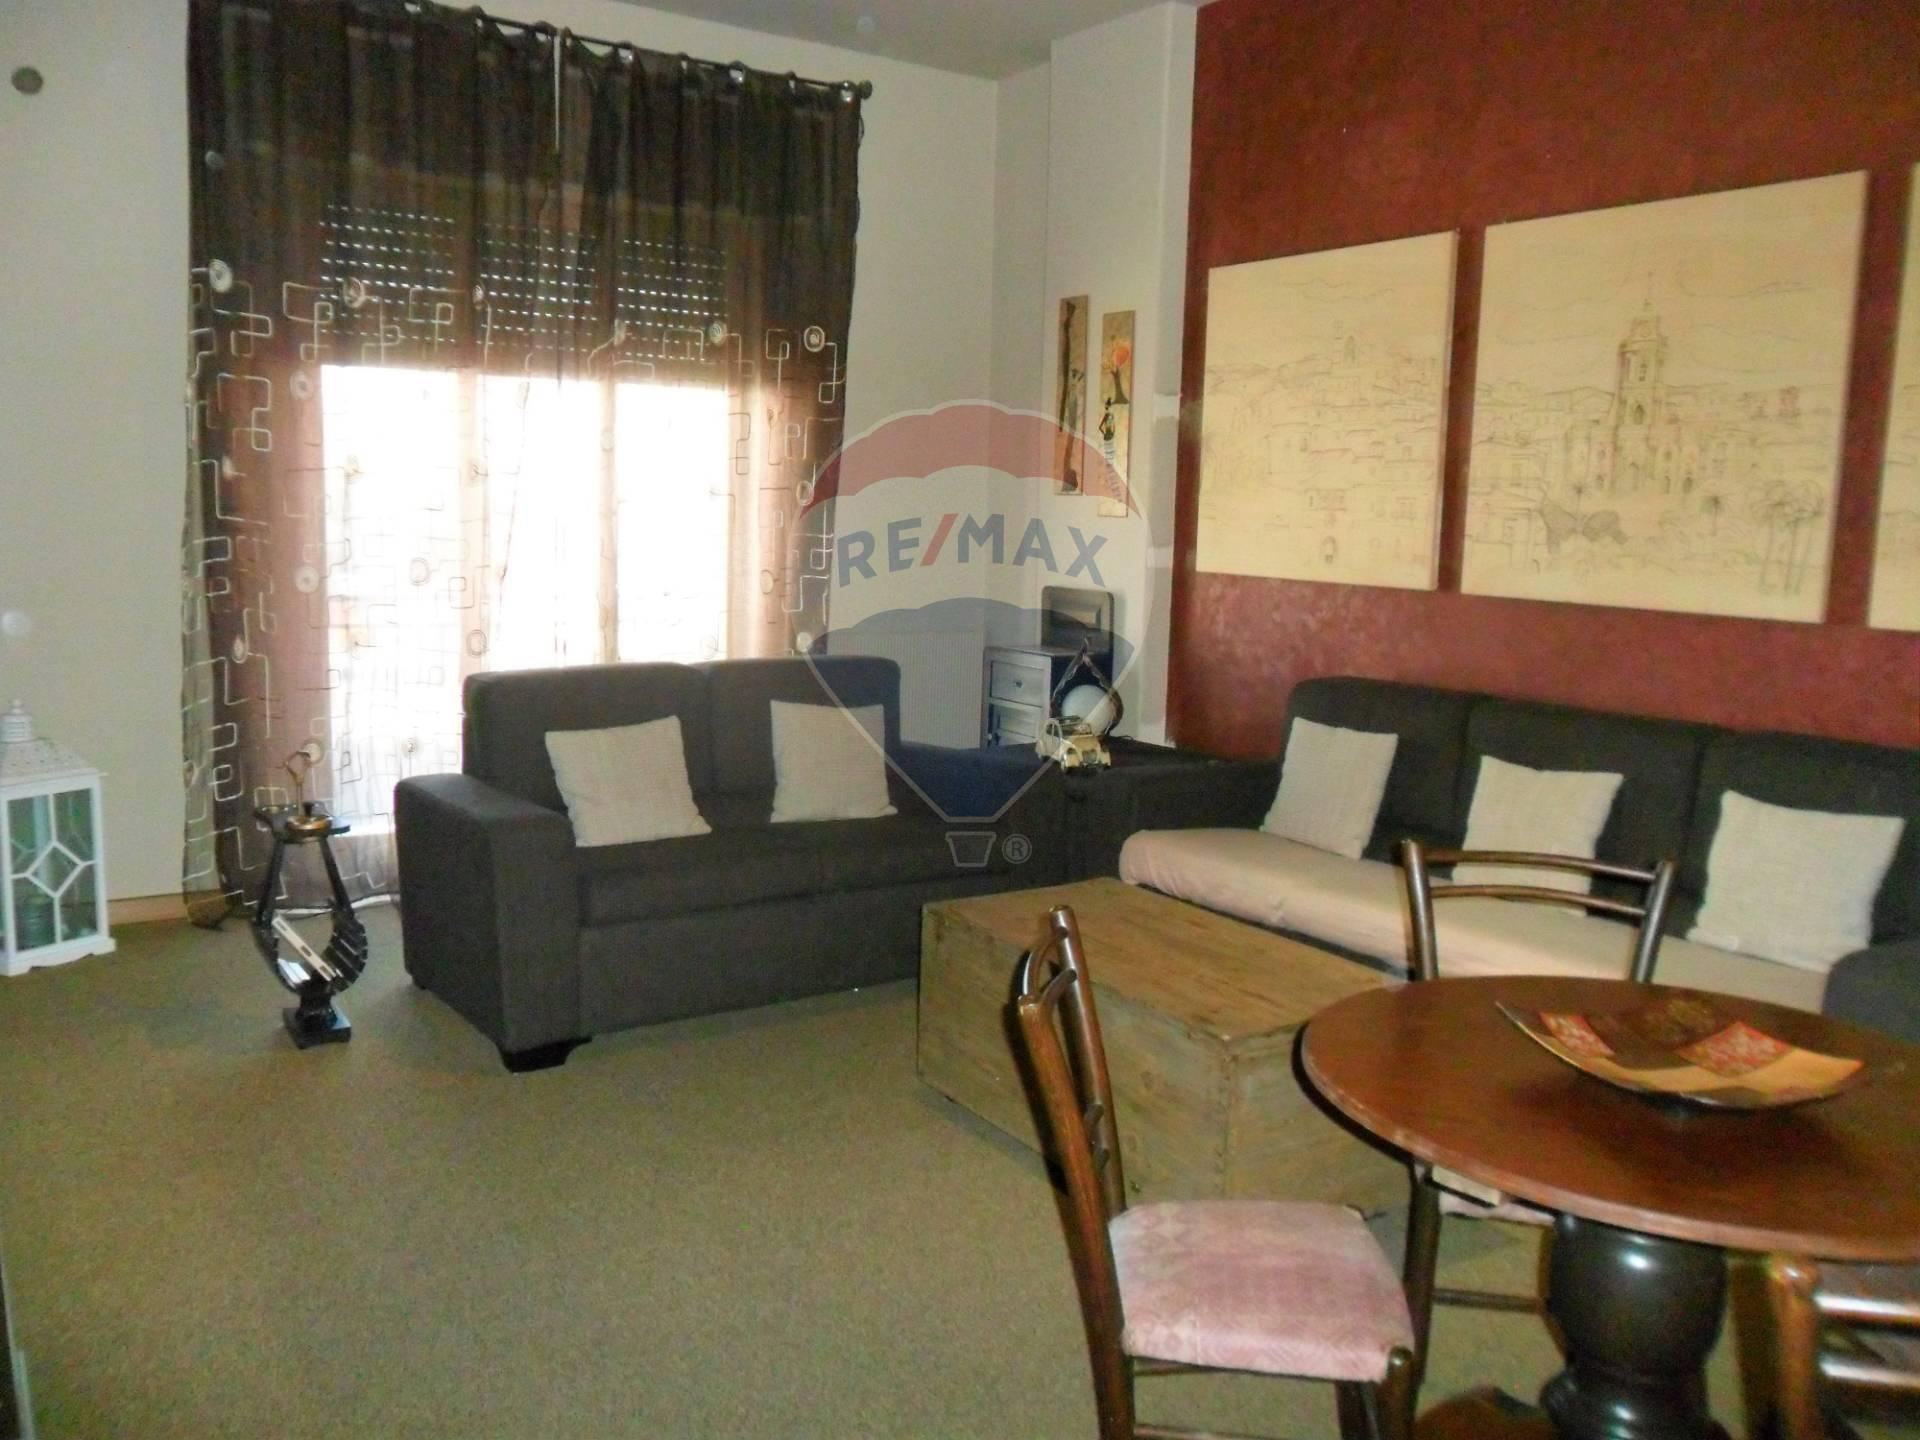 Appartamento in vendita a Modica, 6 locali, zona Località: ModicaAlta, prezzo € 87.000   CambioCasa.it